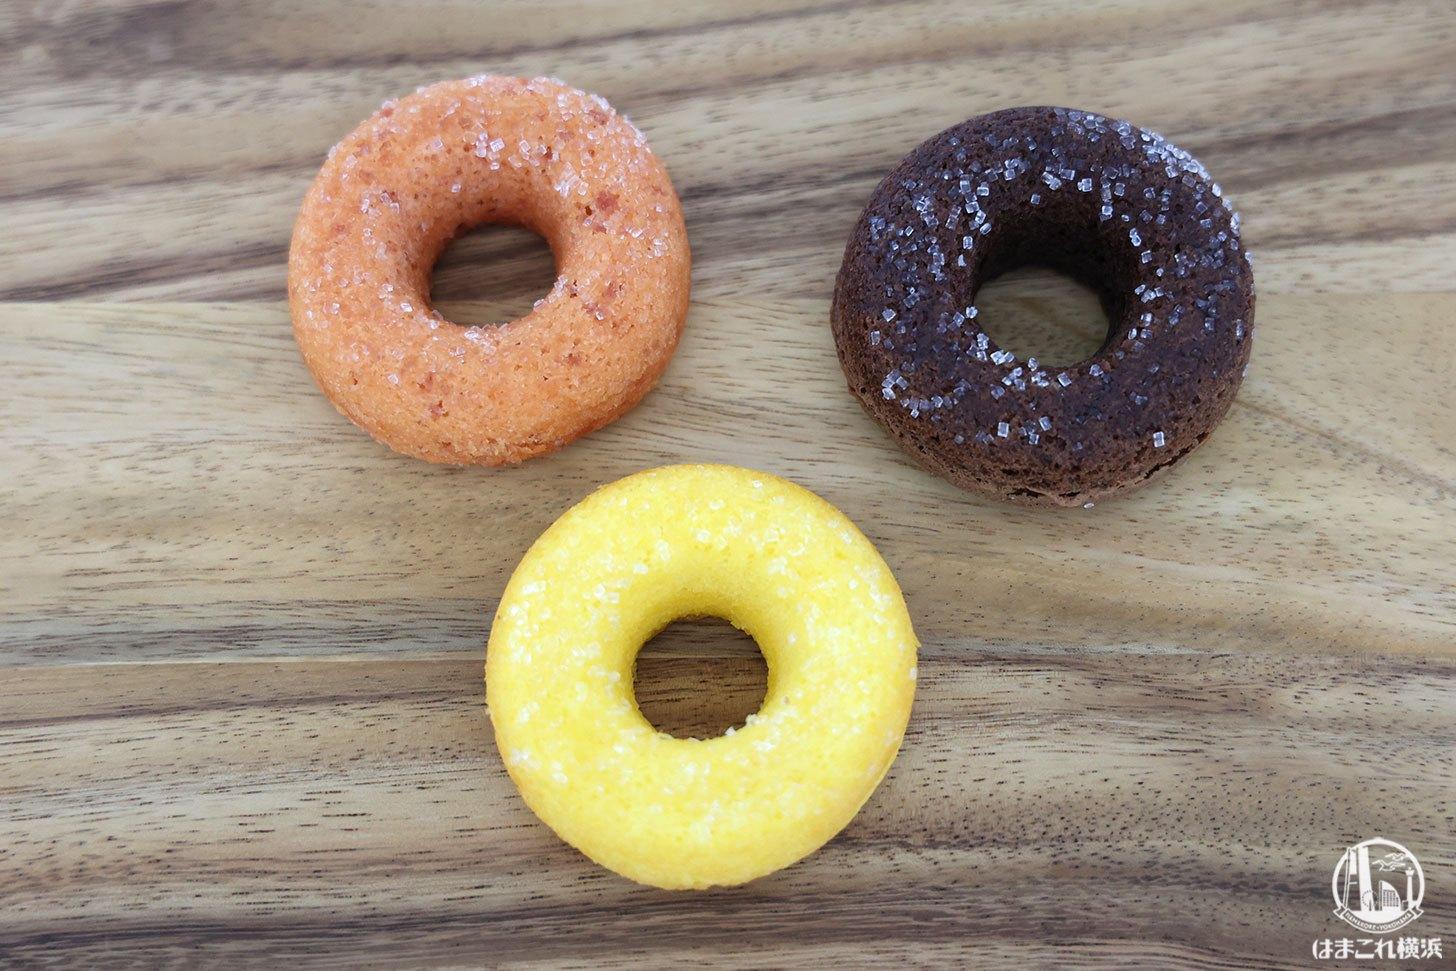 かすてらドーナツ プレーン・チョコ・ストロベリーの3種